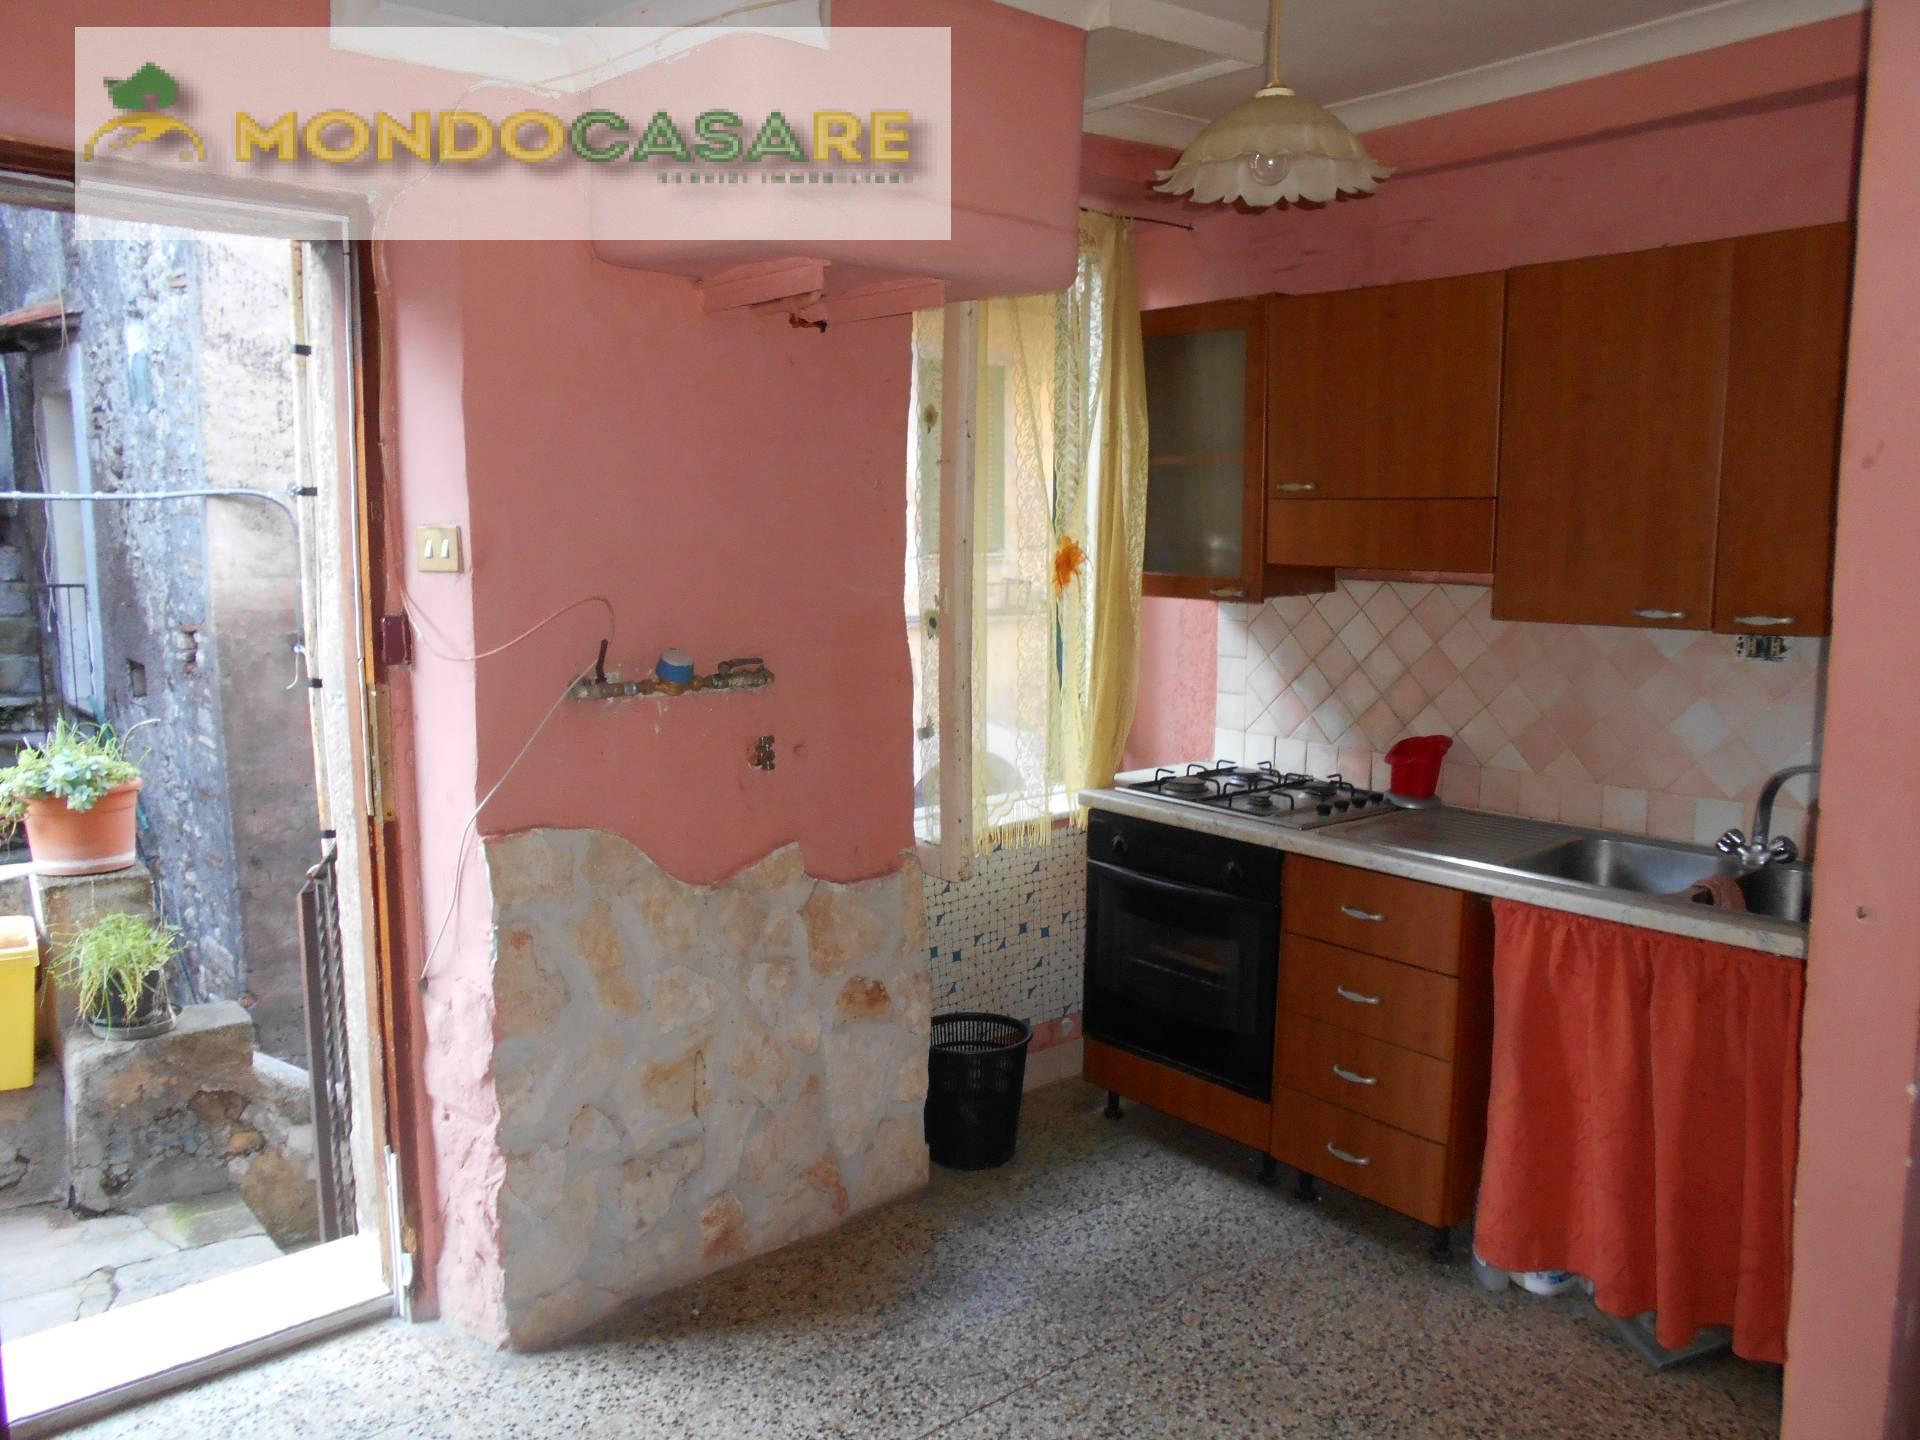 Appartamento in vendita a Palombara Sabina, 2 locali, zona Località: ZonaBPalombaraSabina, prezzo € 29.000 | Cambio Casa.it